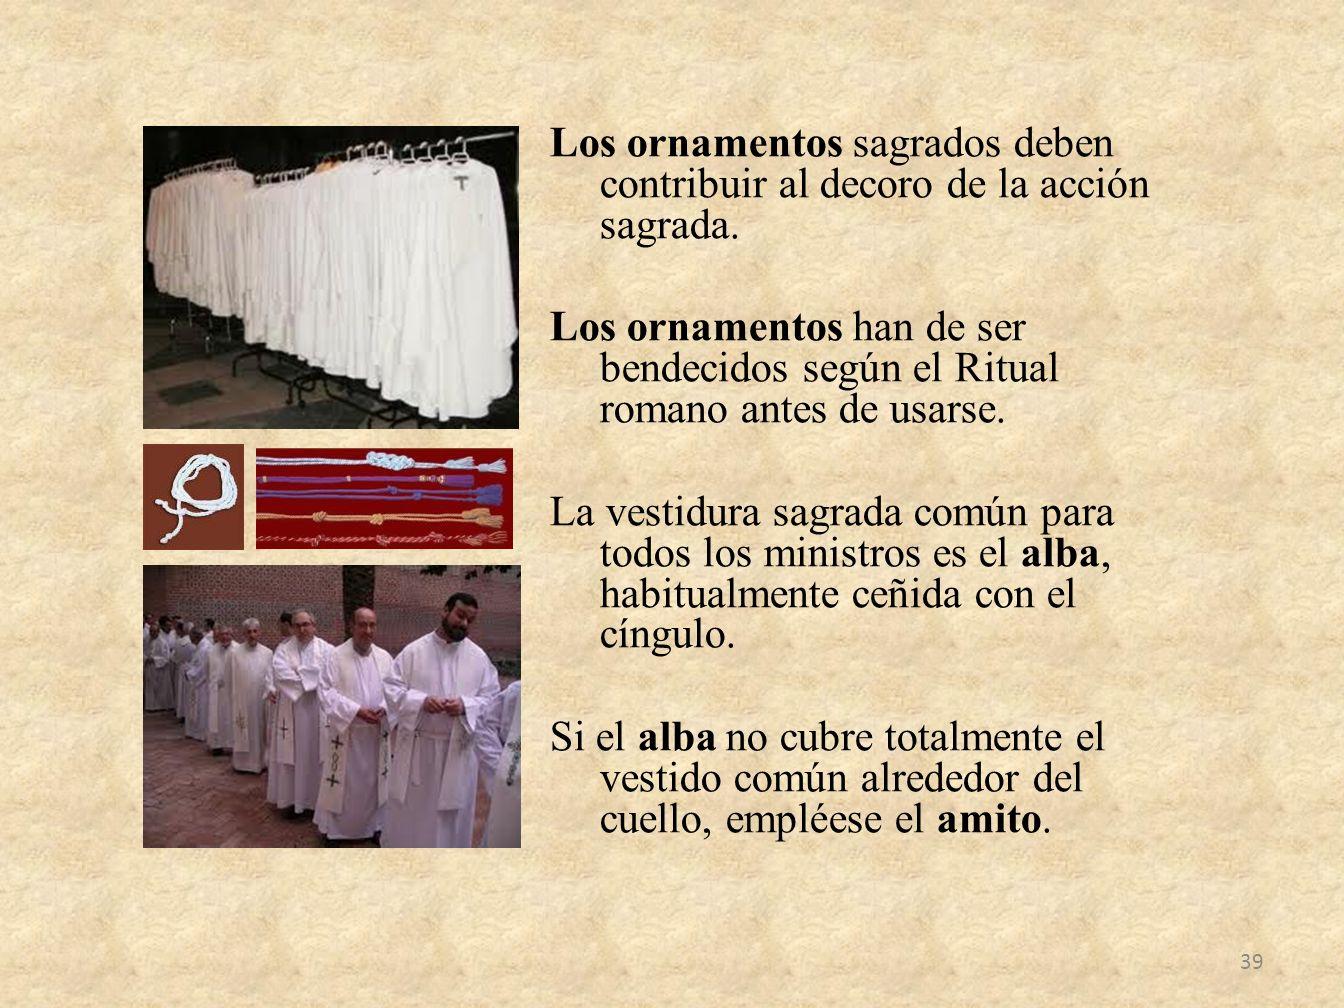 Los ornamentos sagrados deben contribuir al decoro de la acción sagrada.